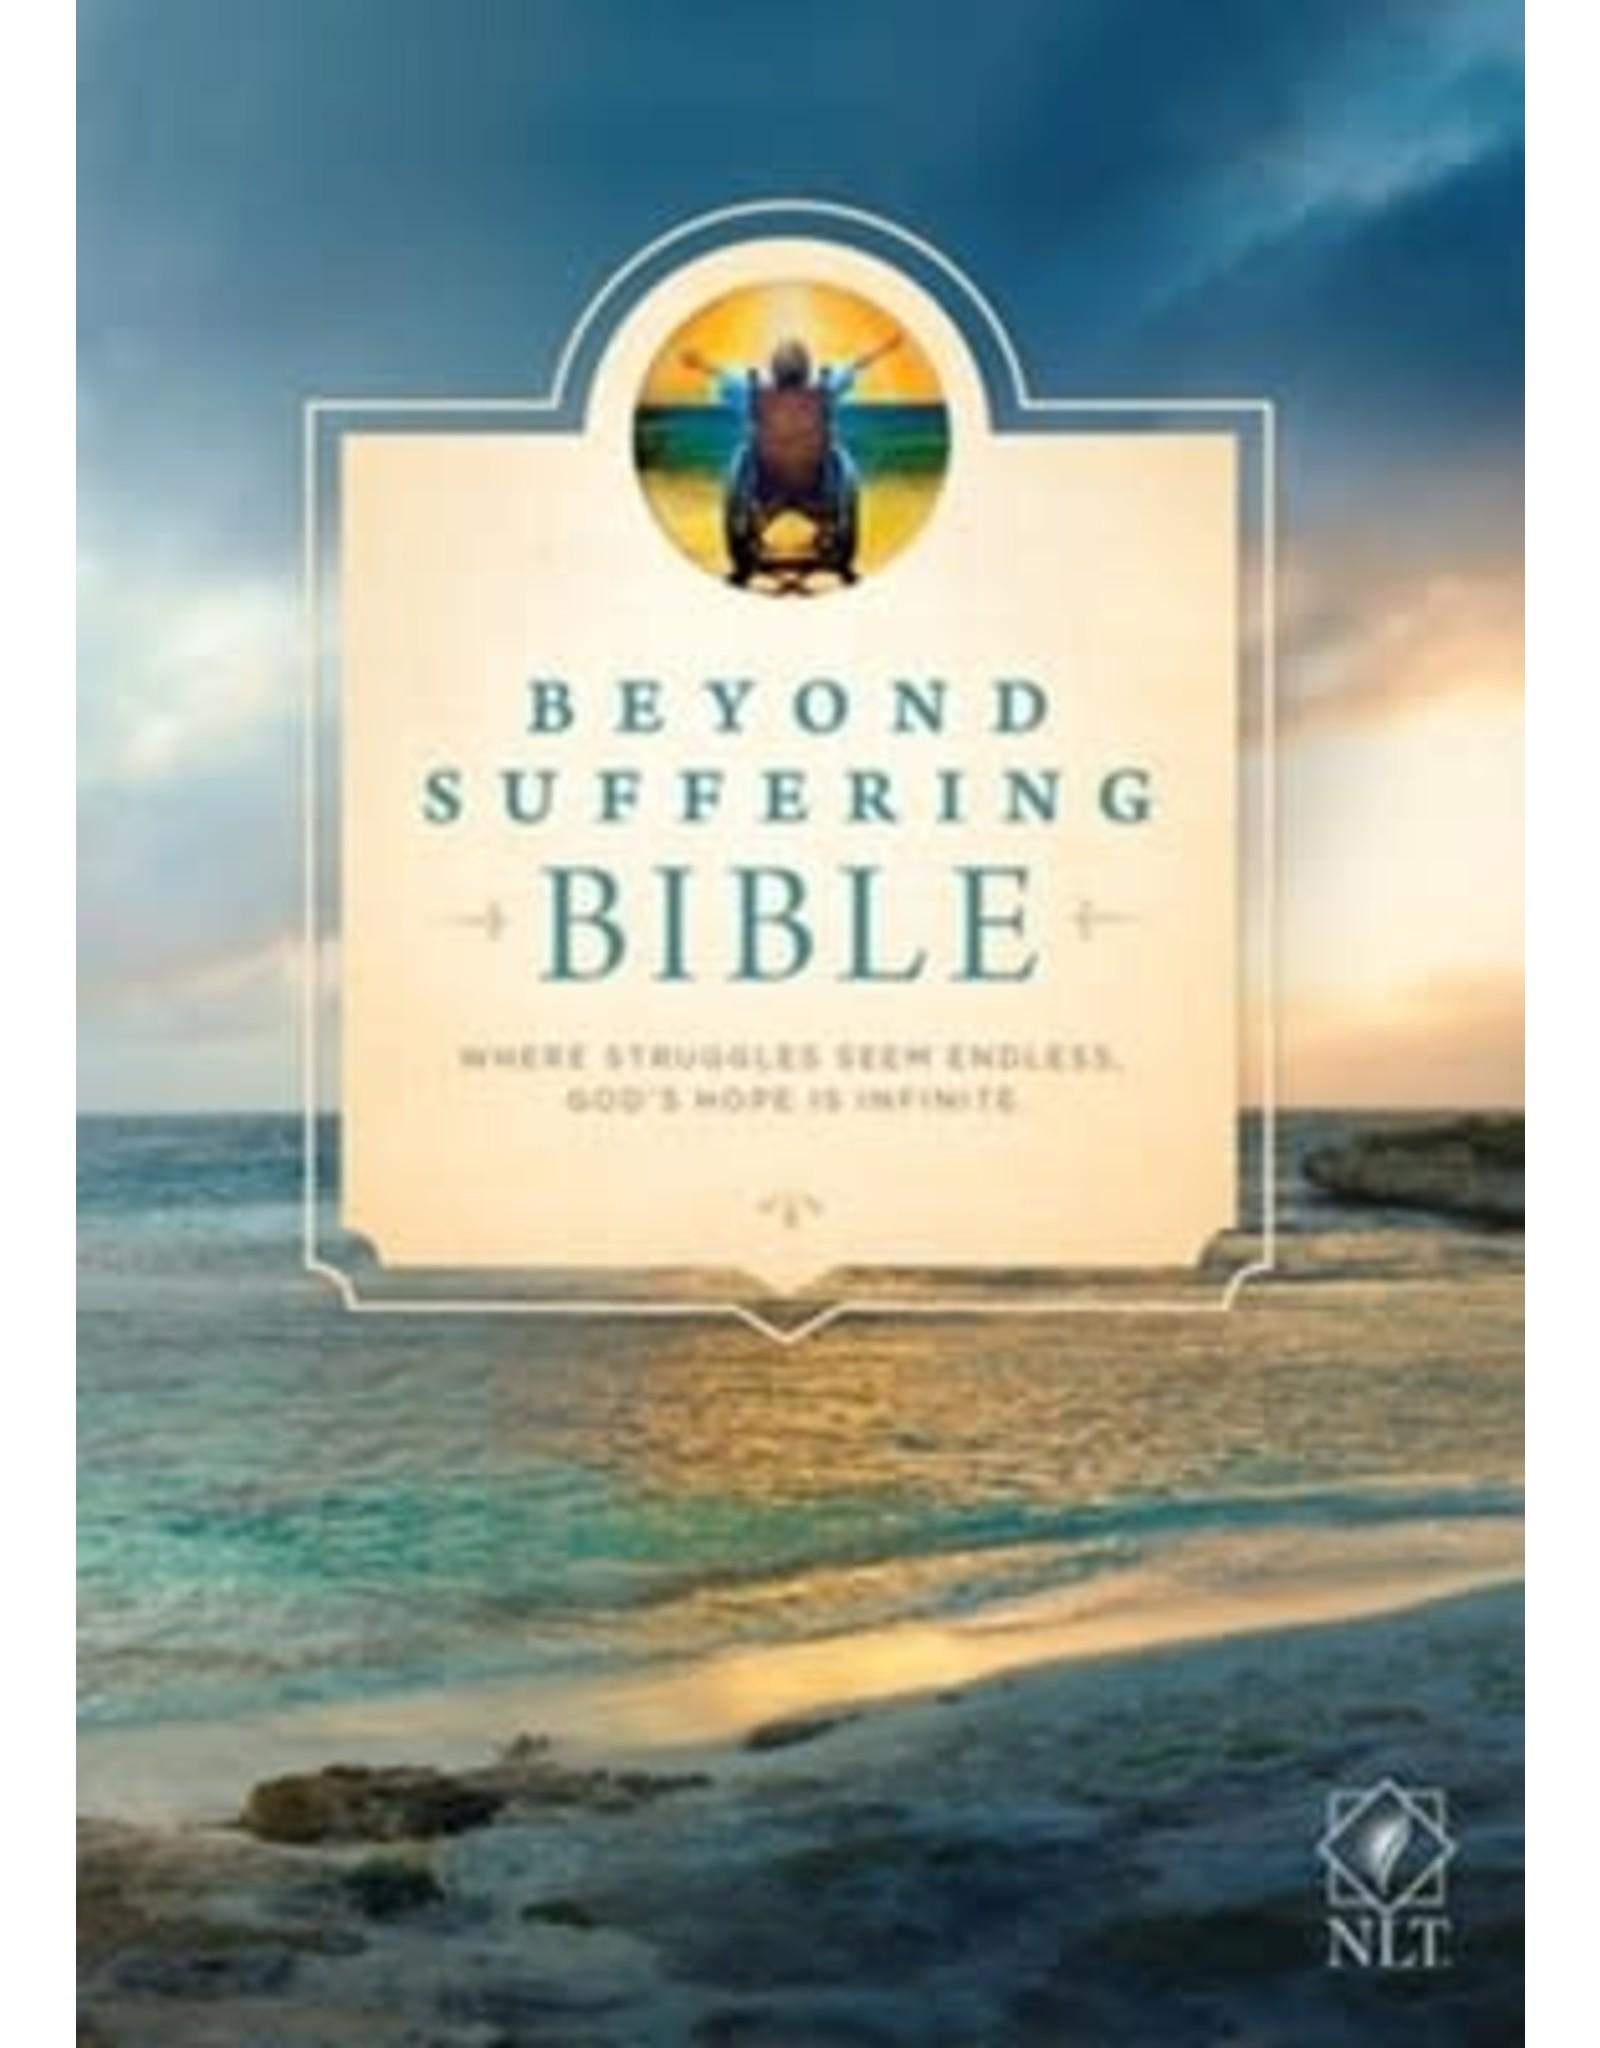 Beyond Suffering Bible